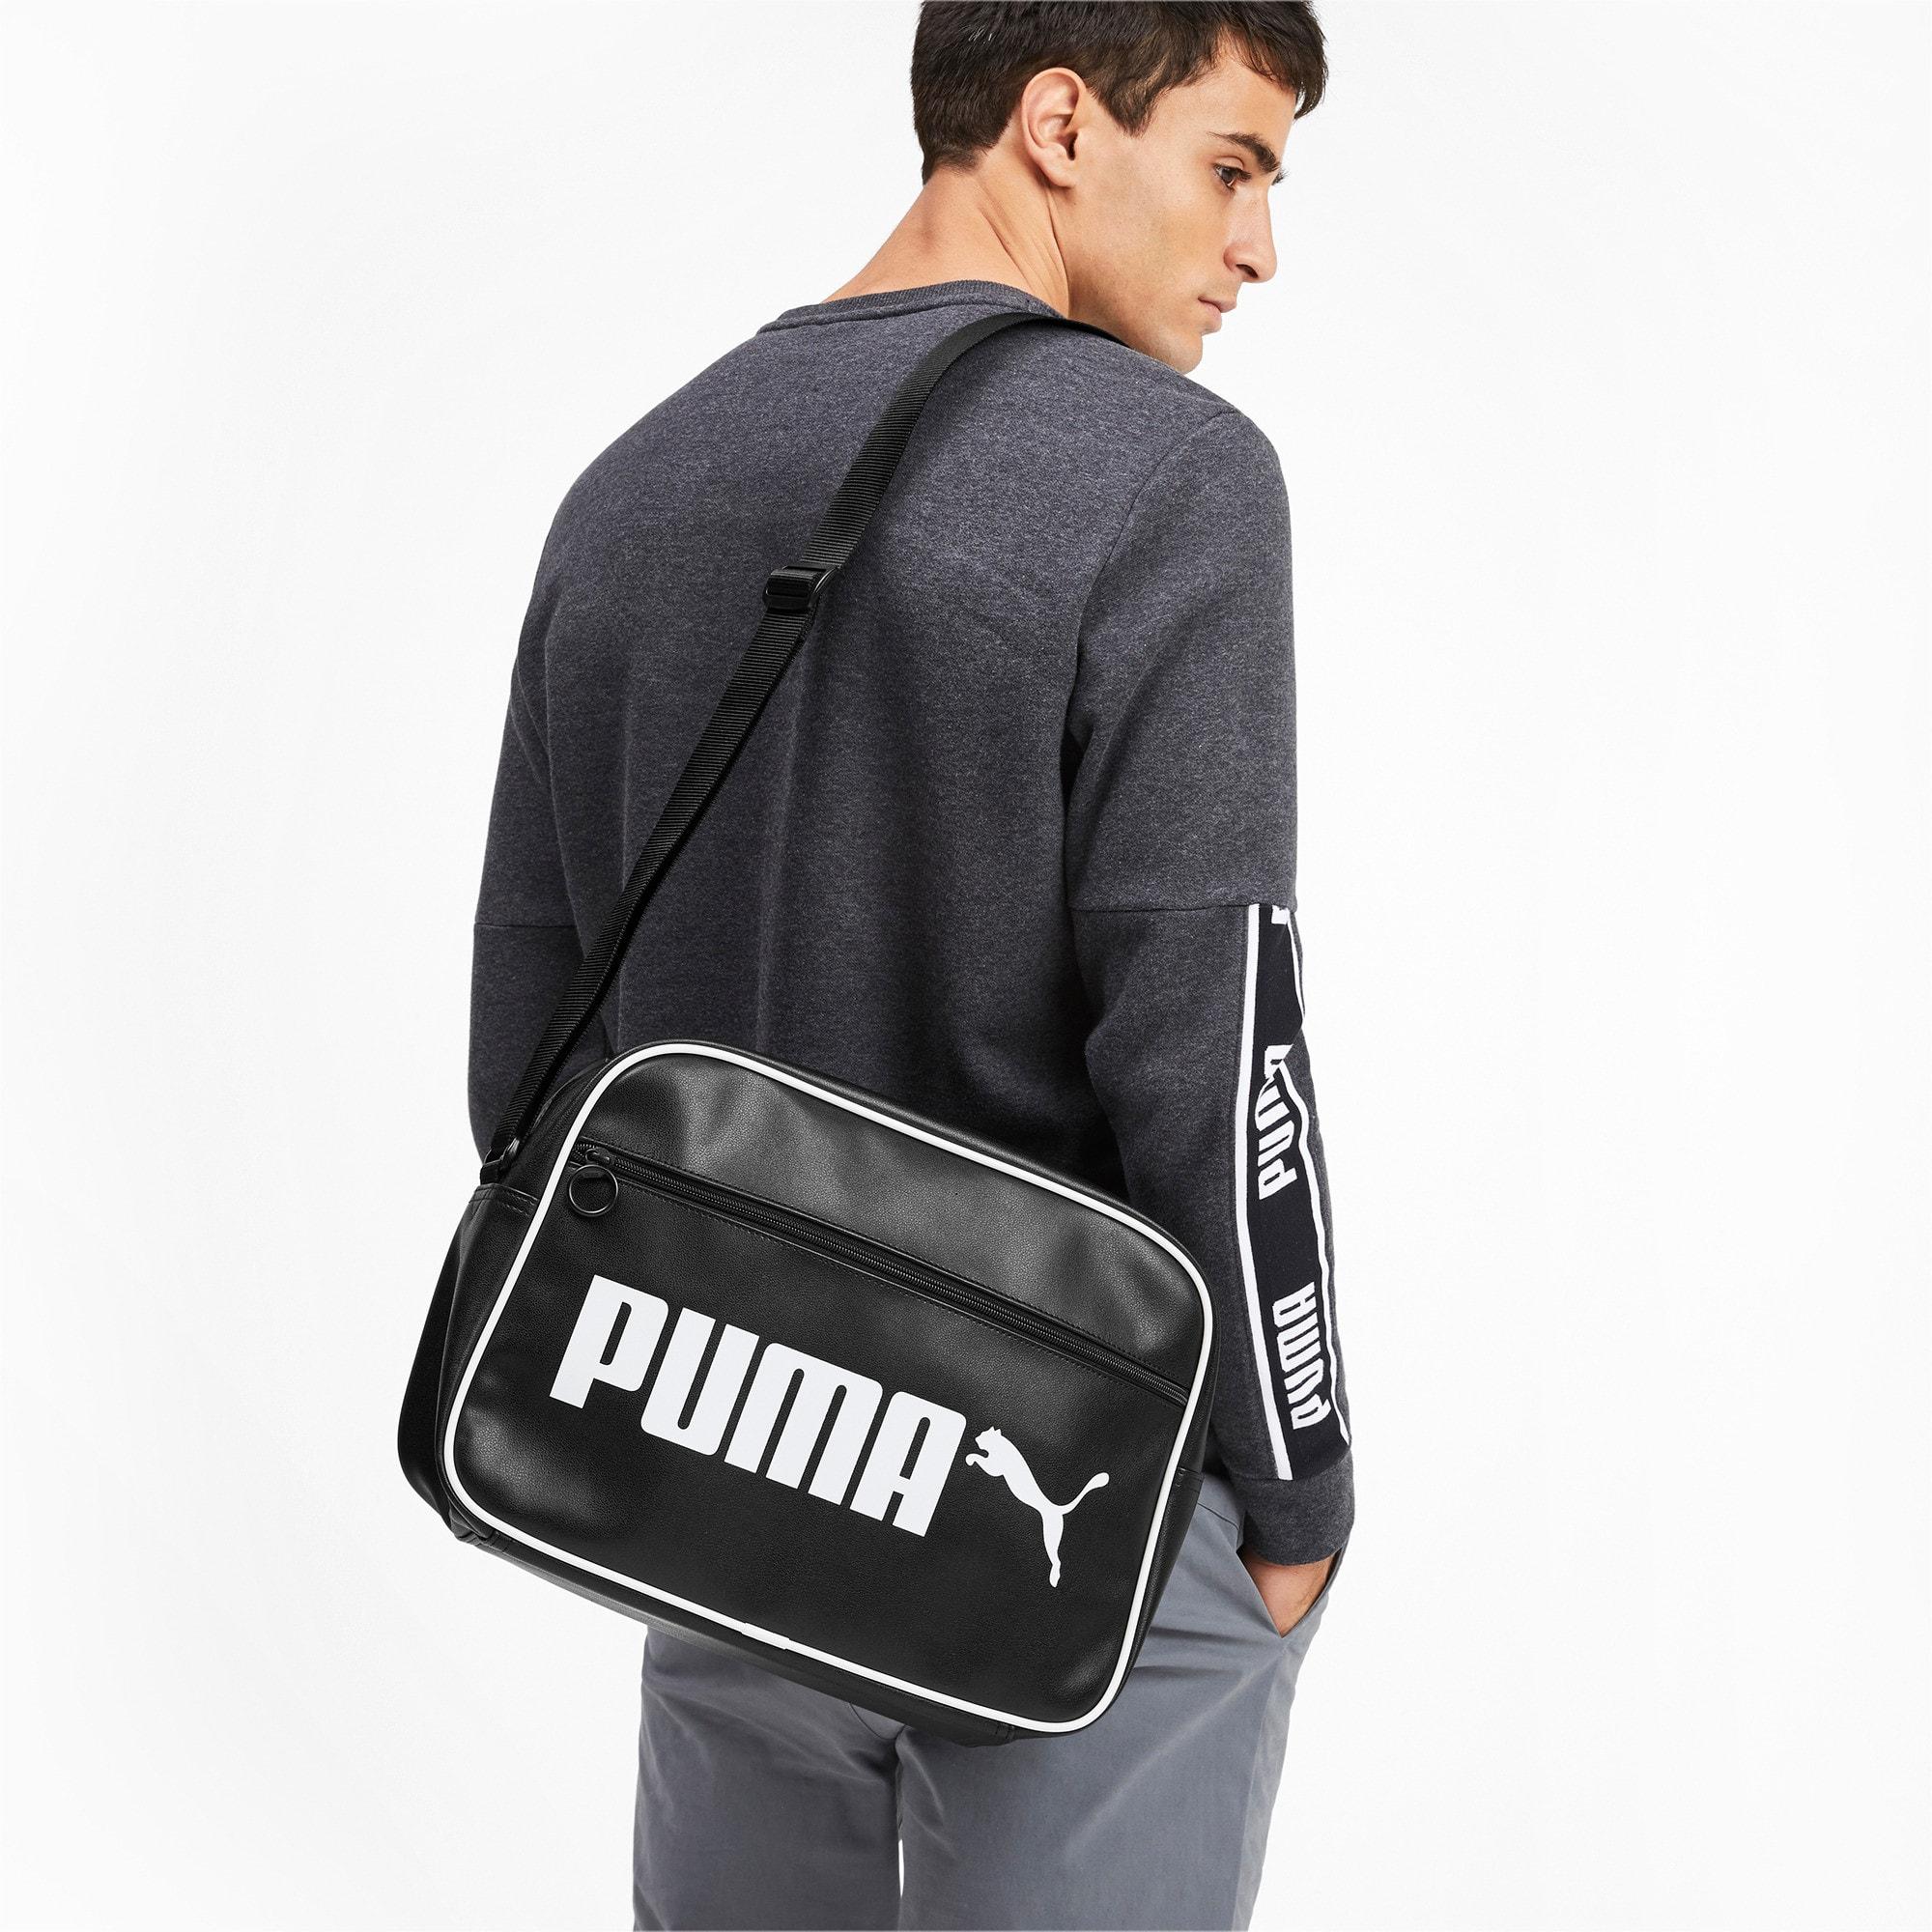 Thumbnail 2 of Campus Reporter Retro Shoulder Bag, Puma Black, medium